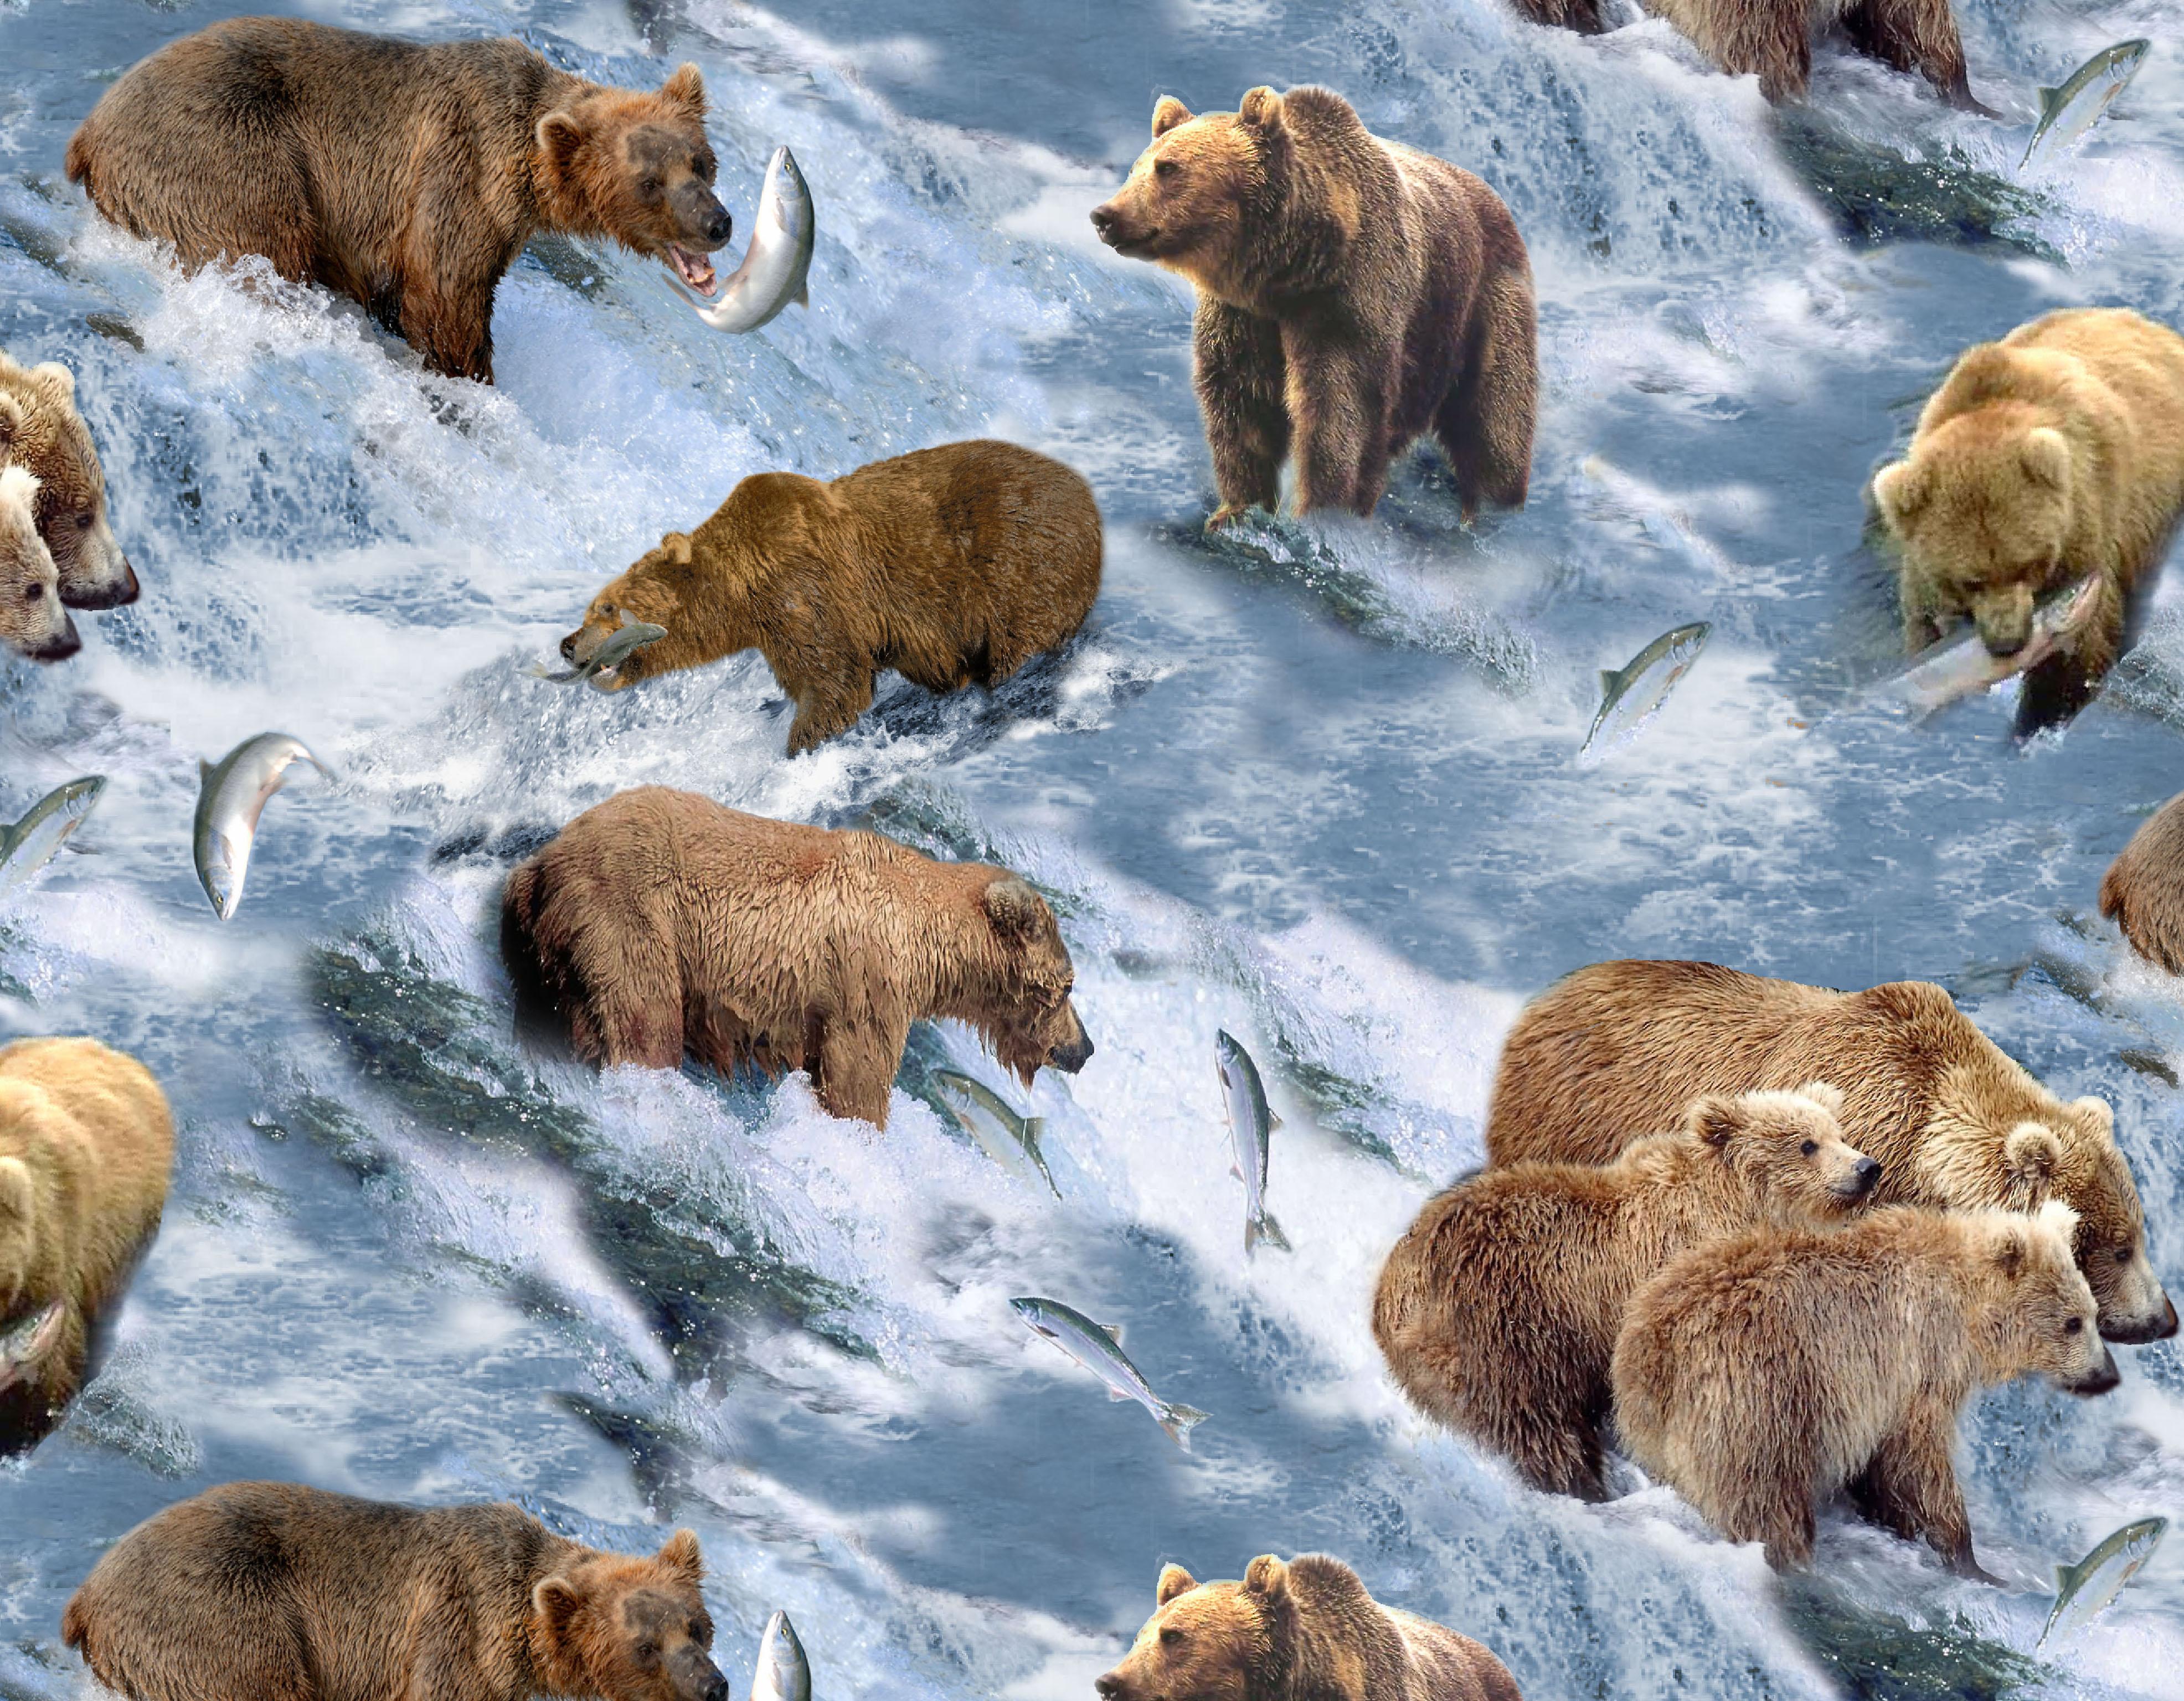 Bear river salmon fish it wallpaper 3944x3072 195847 WallpaperUP 3944x3072